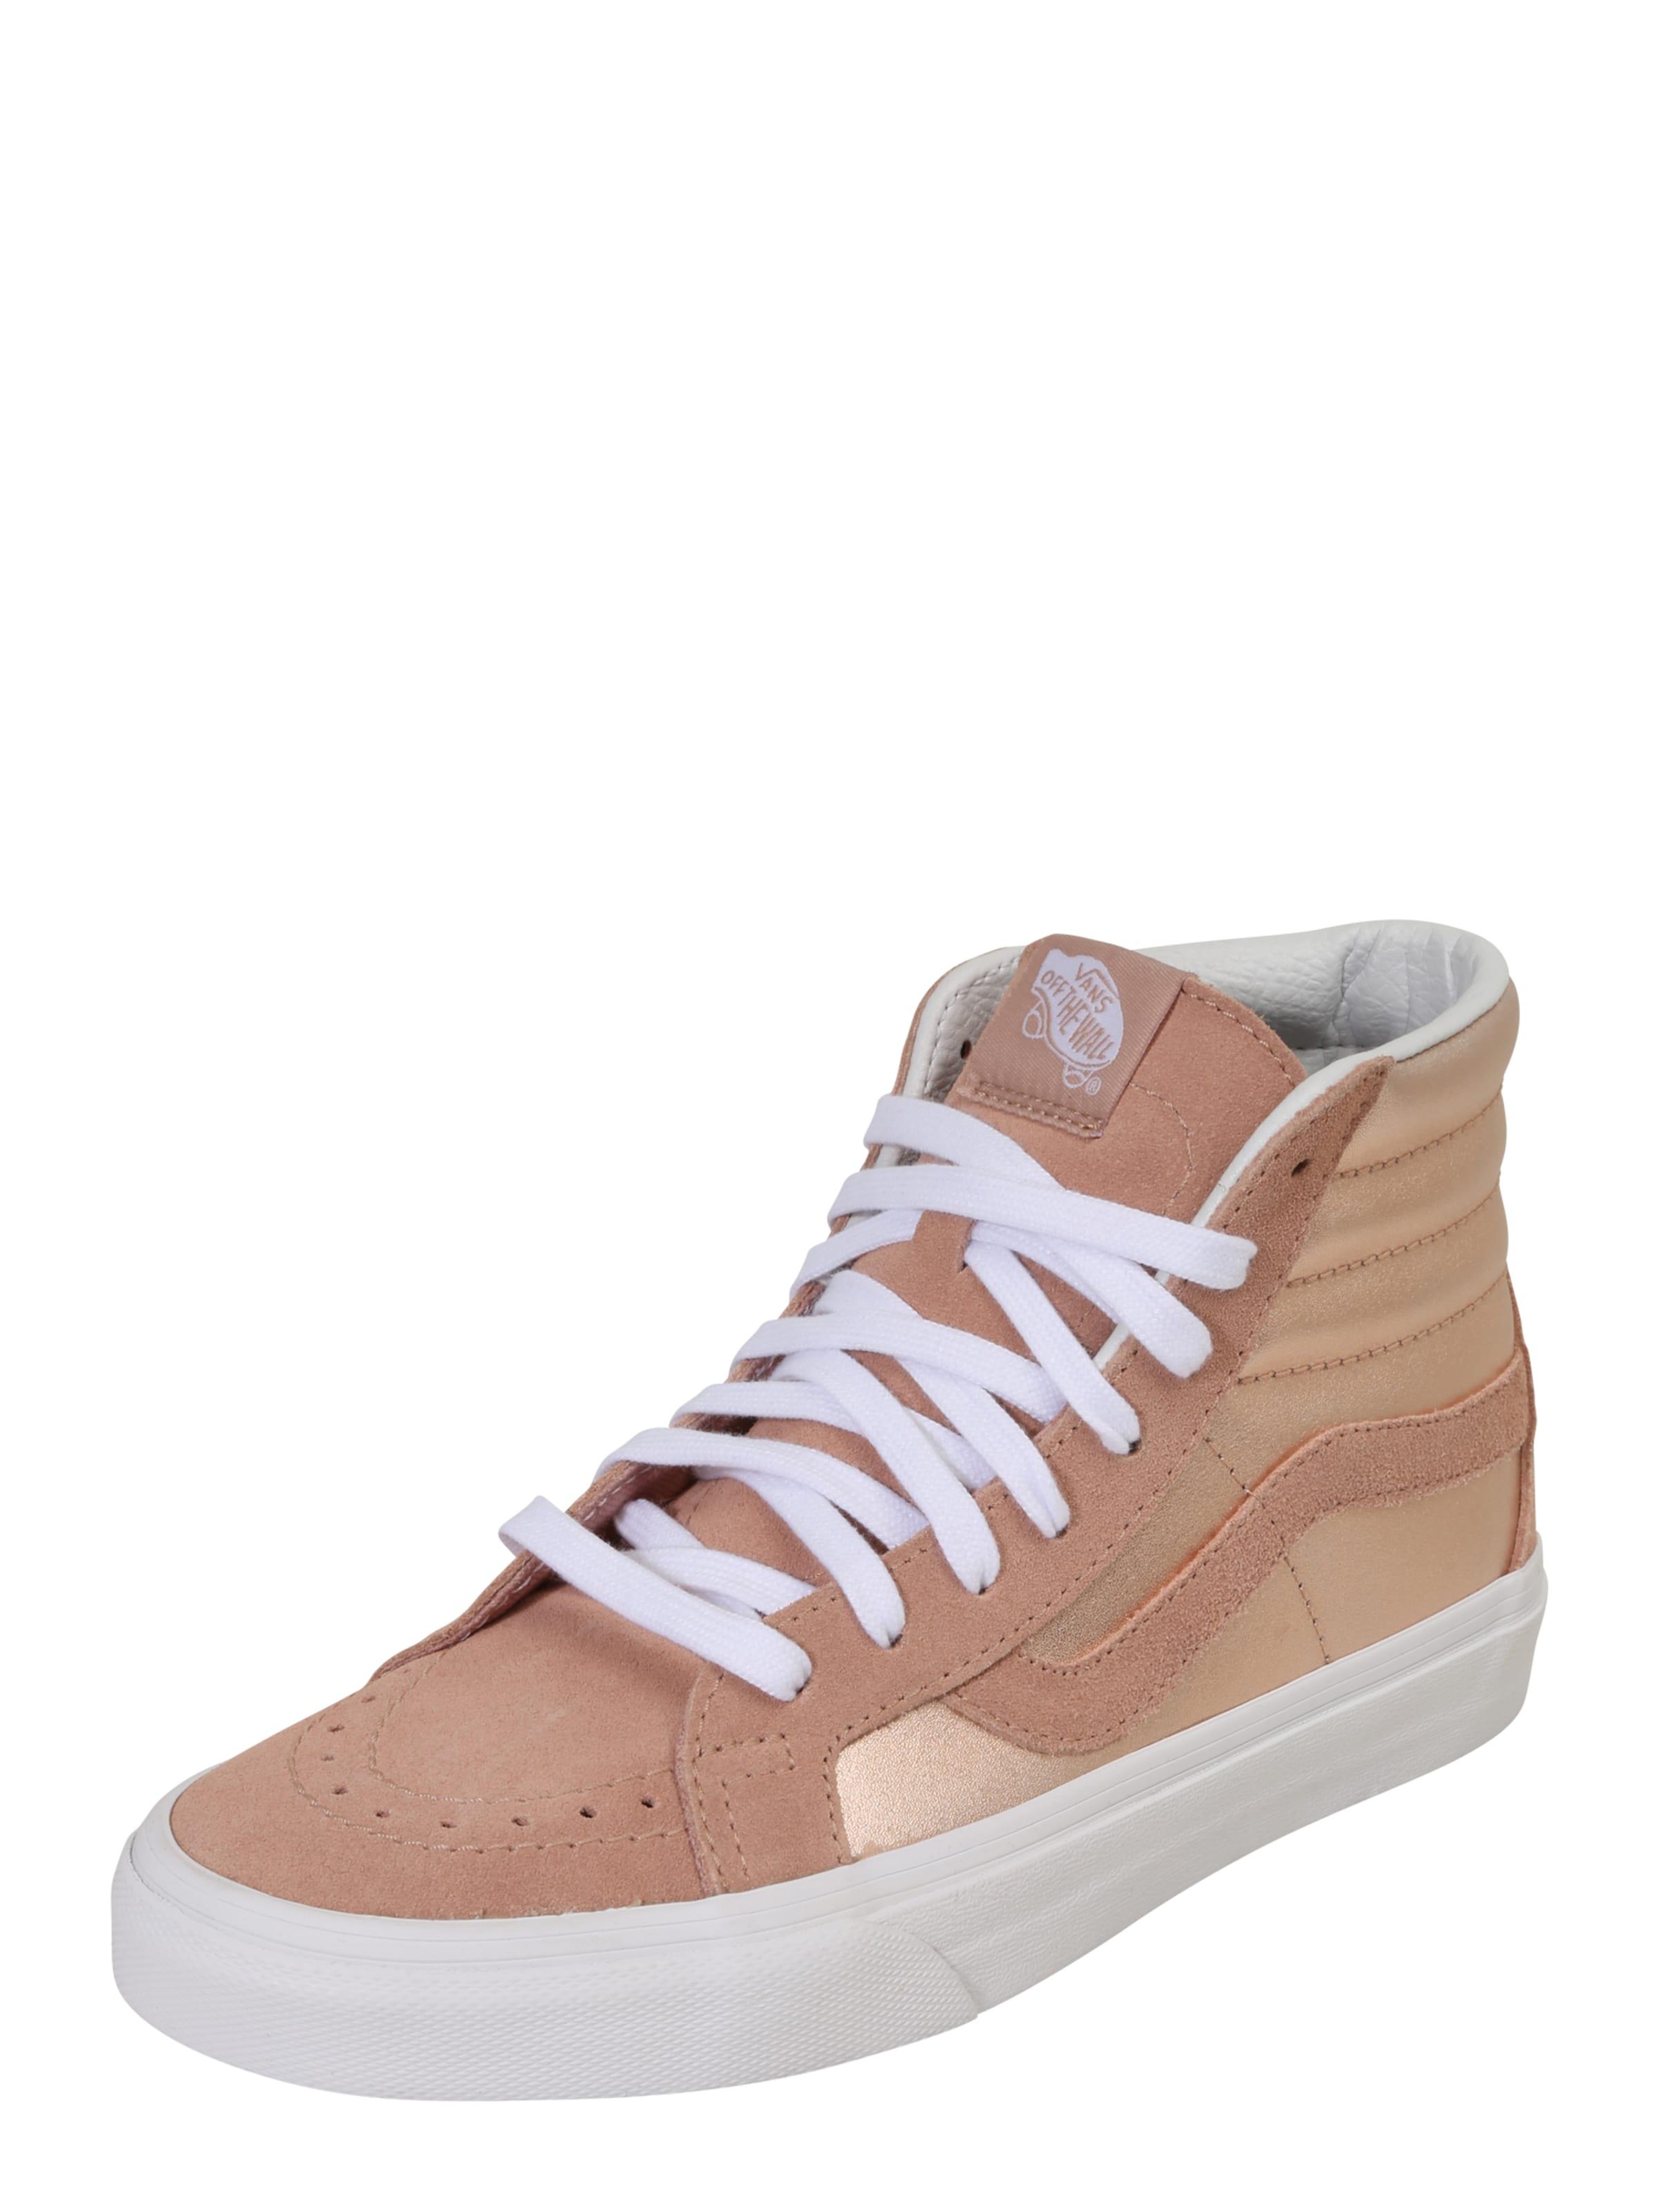 VANS Sneaker SK8-Hi Reissue Verschleißfeste billige Schuhe